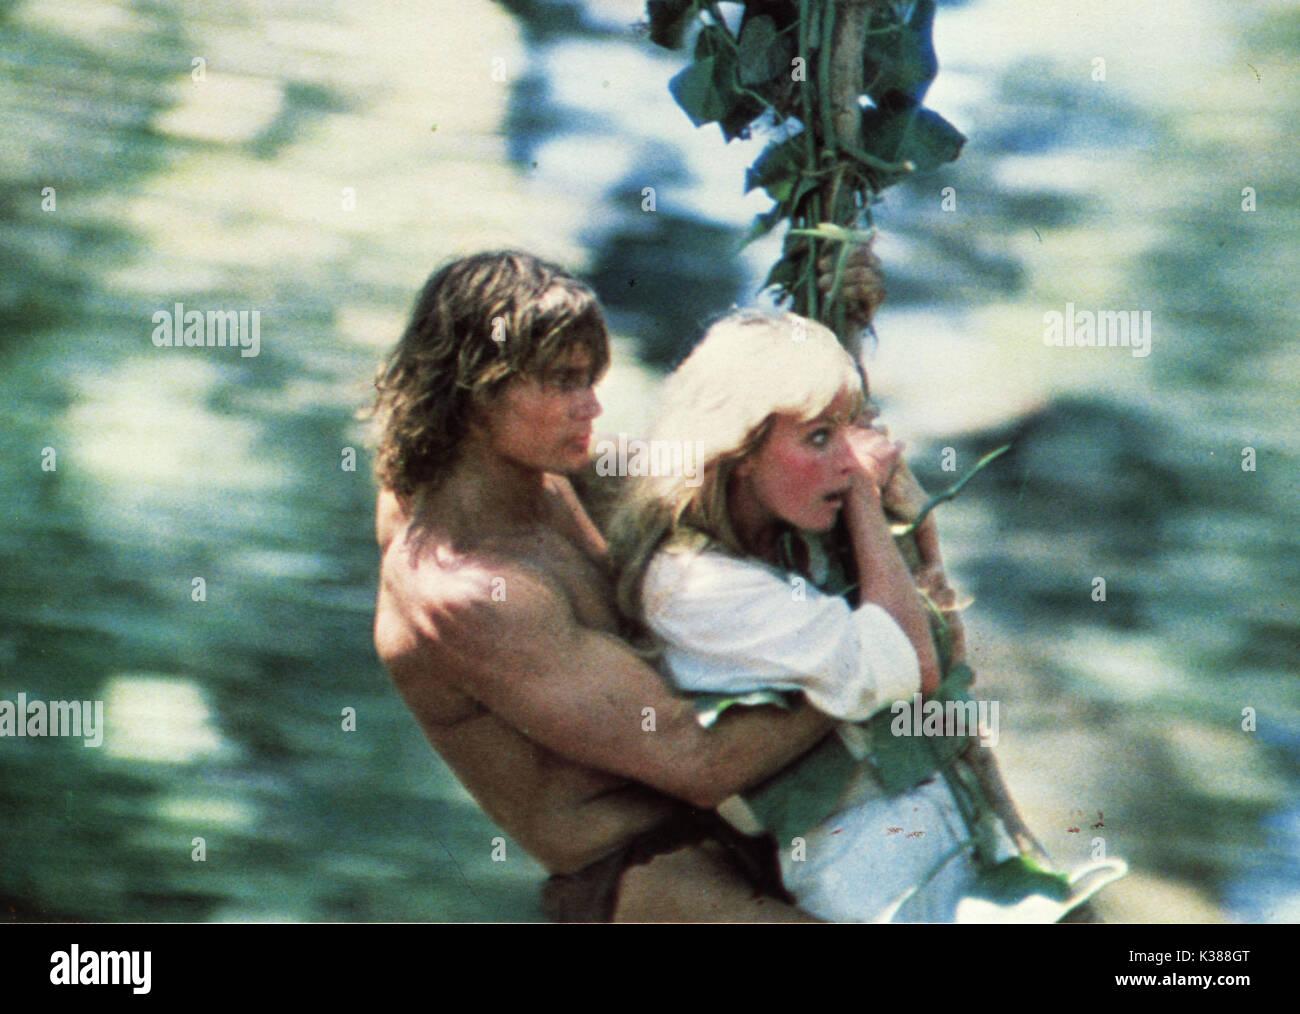 Bo Derek Tarzan Ape Man Stock Photos & Bo Derek Tarzan Ape ...